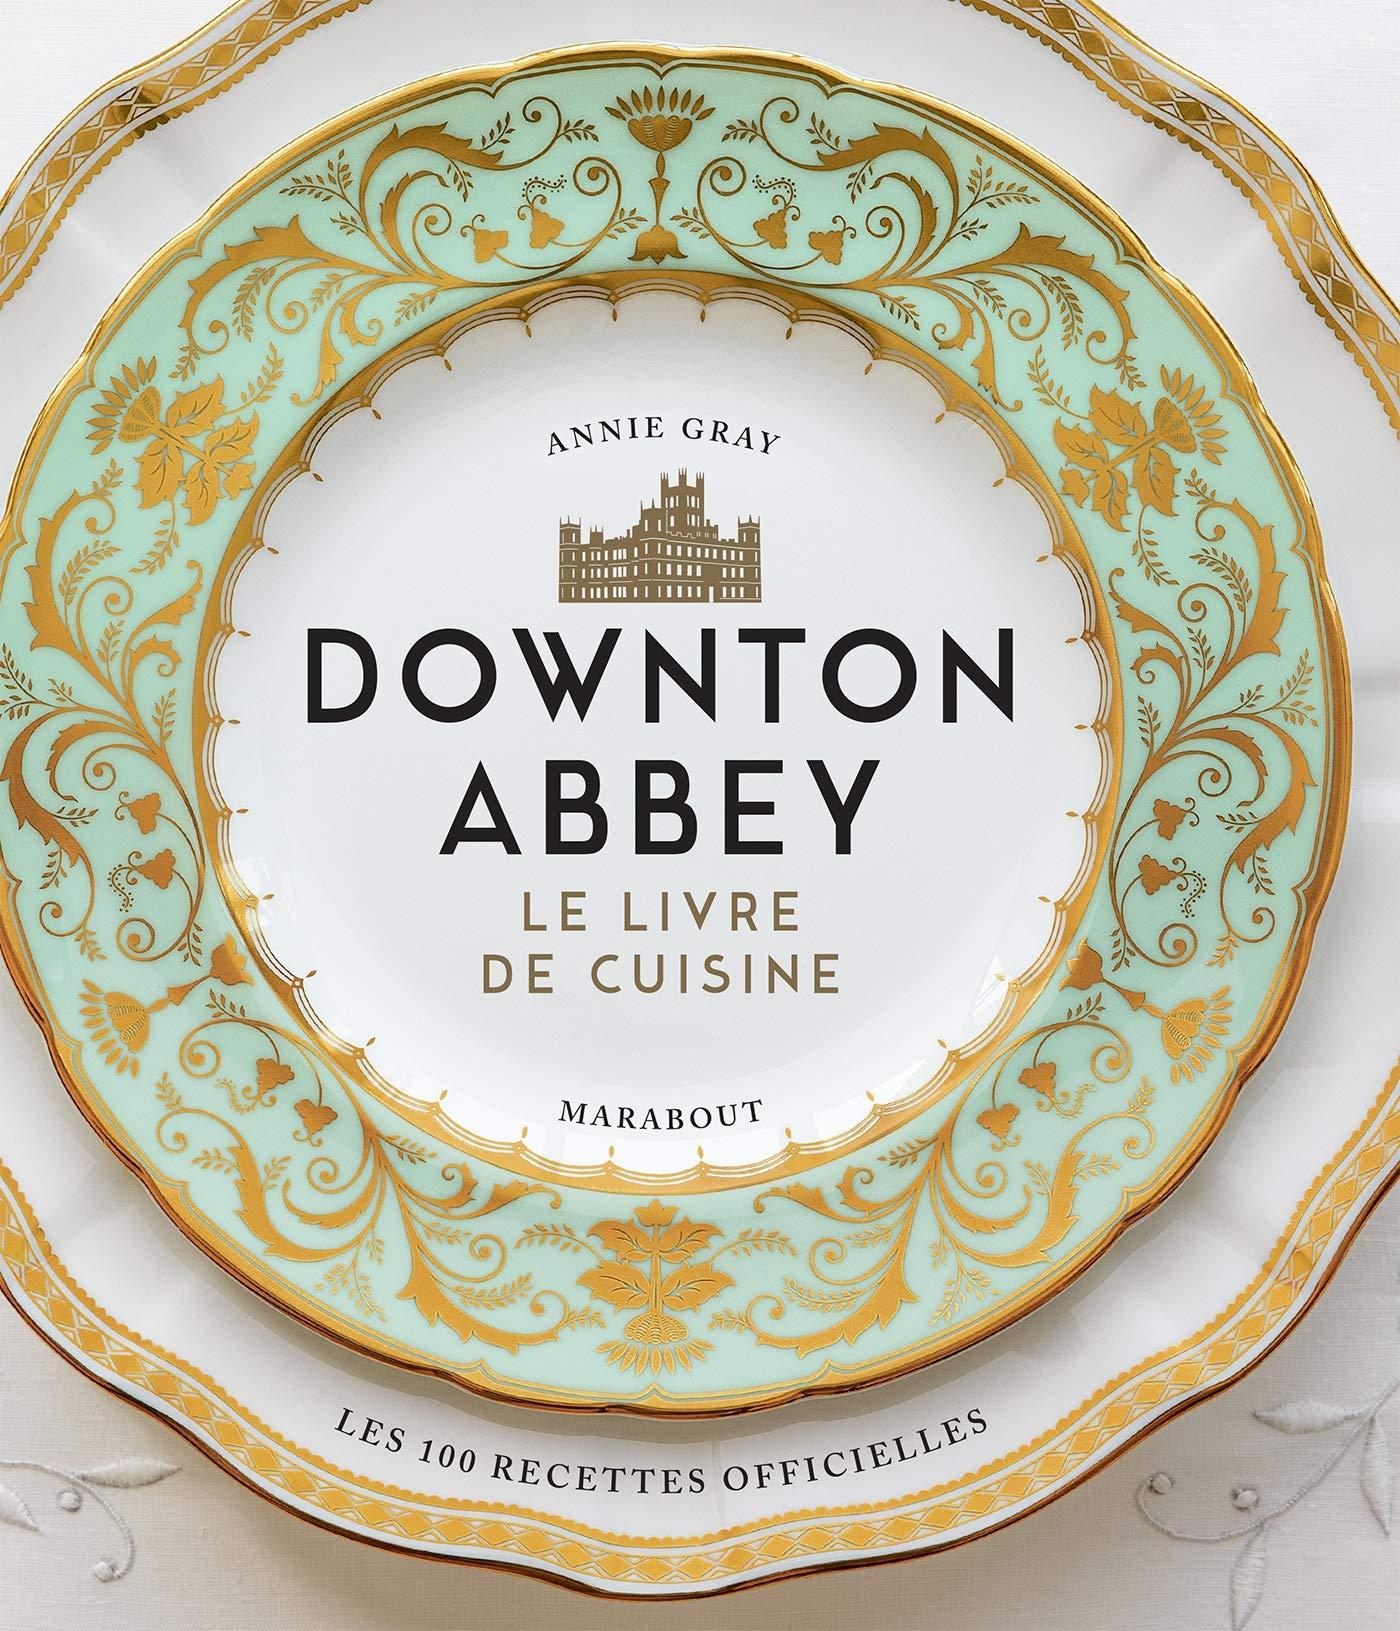 La cuisine de Downton Abbey : Les recettes officielles